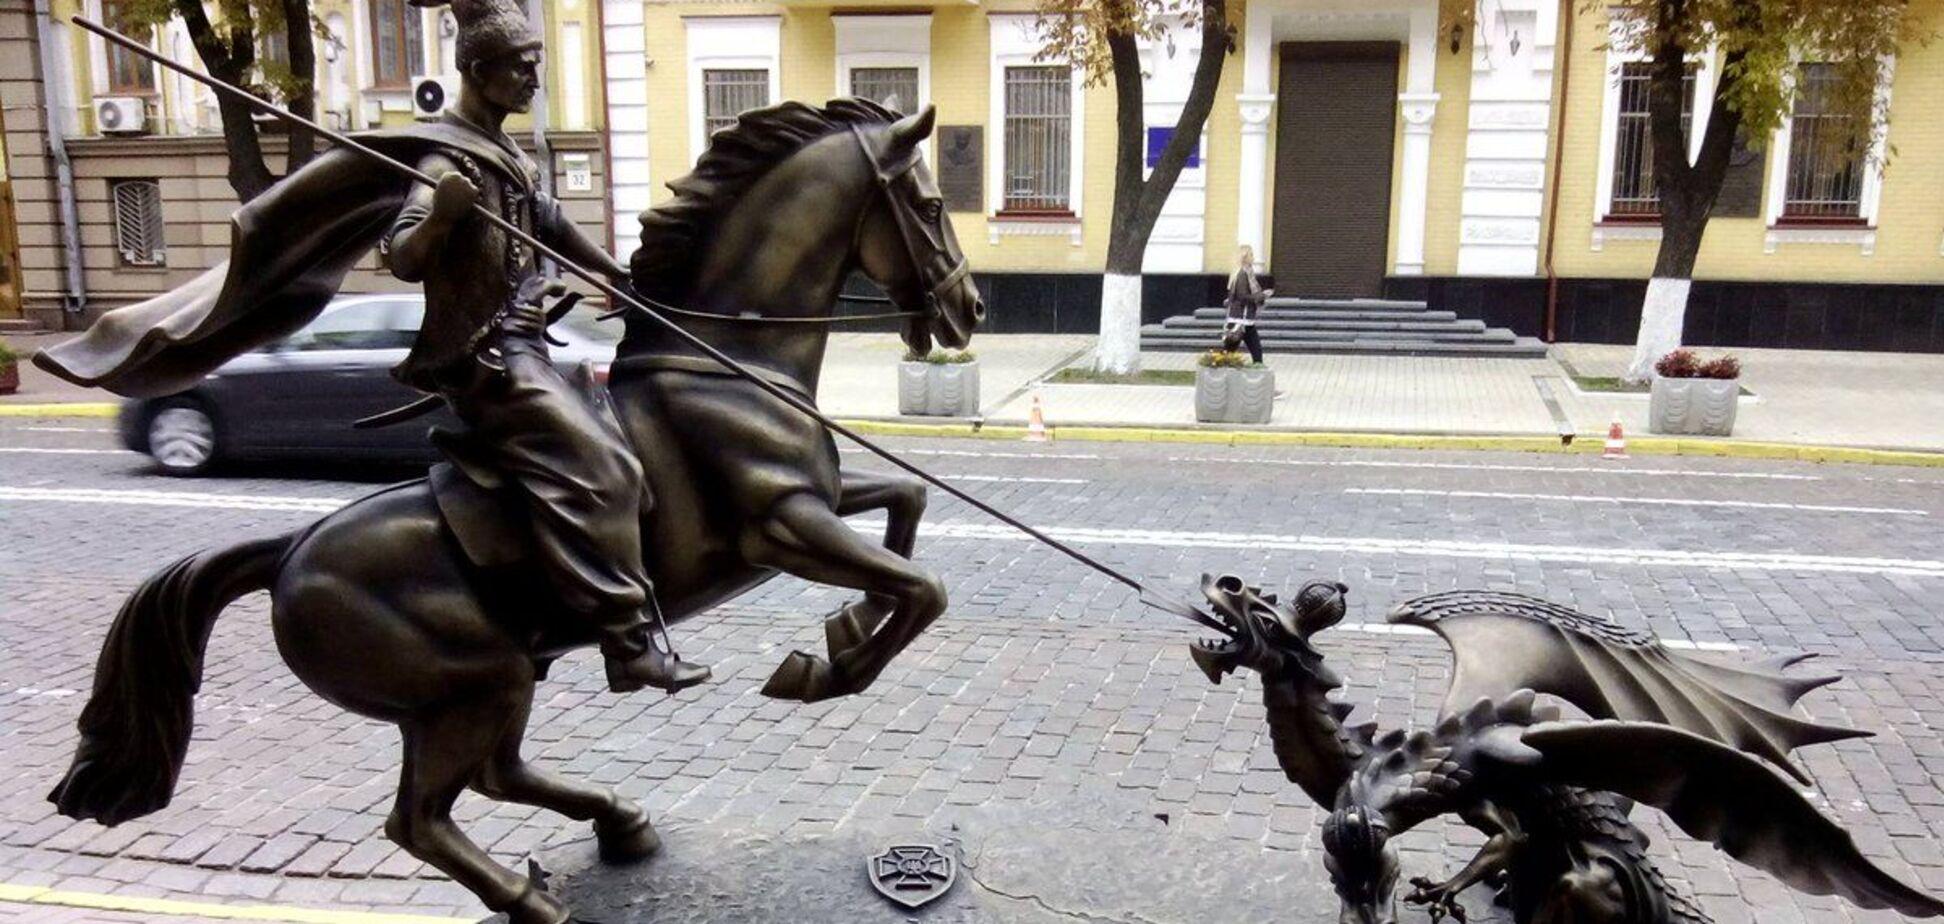 Знаковий пам'ятник у Києві 'пристосували' до 'ковідної' реальності. Фото